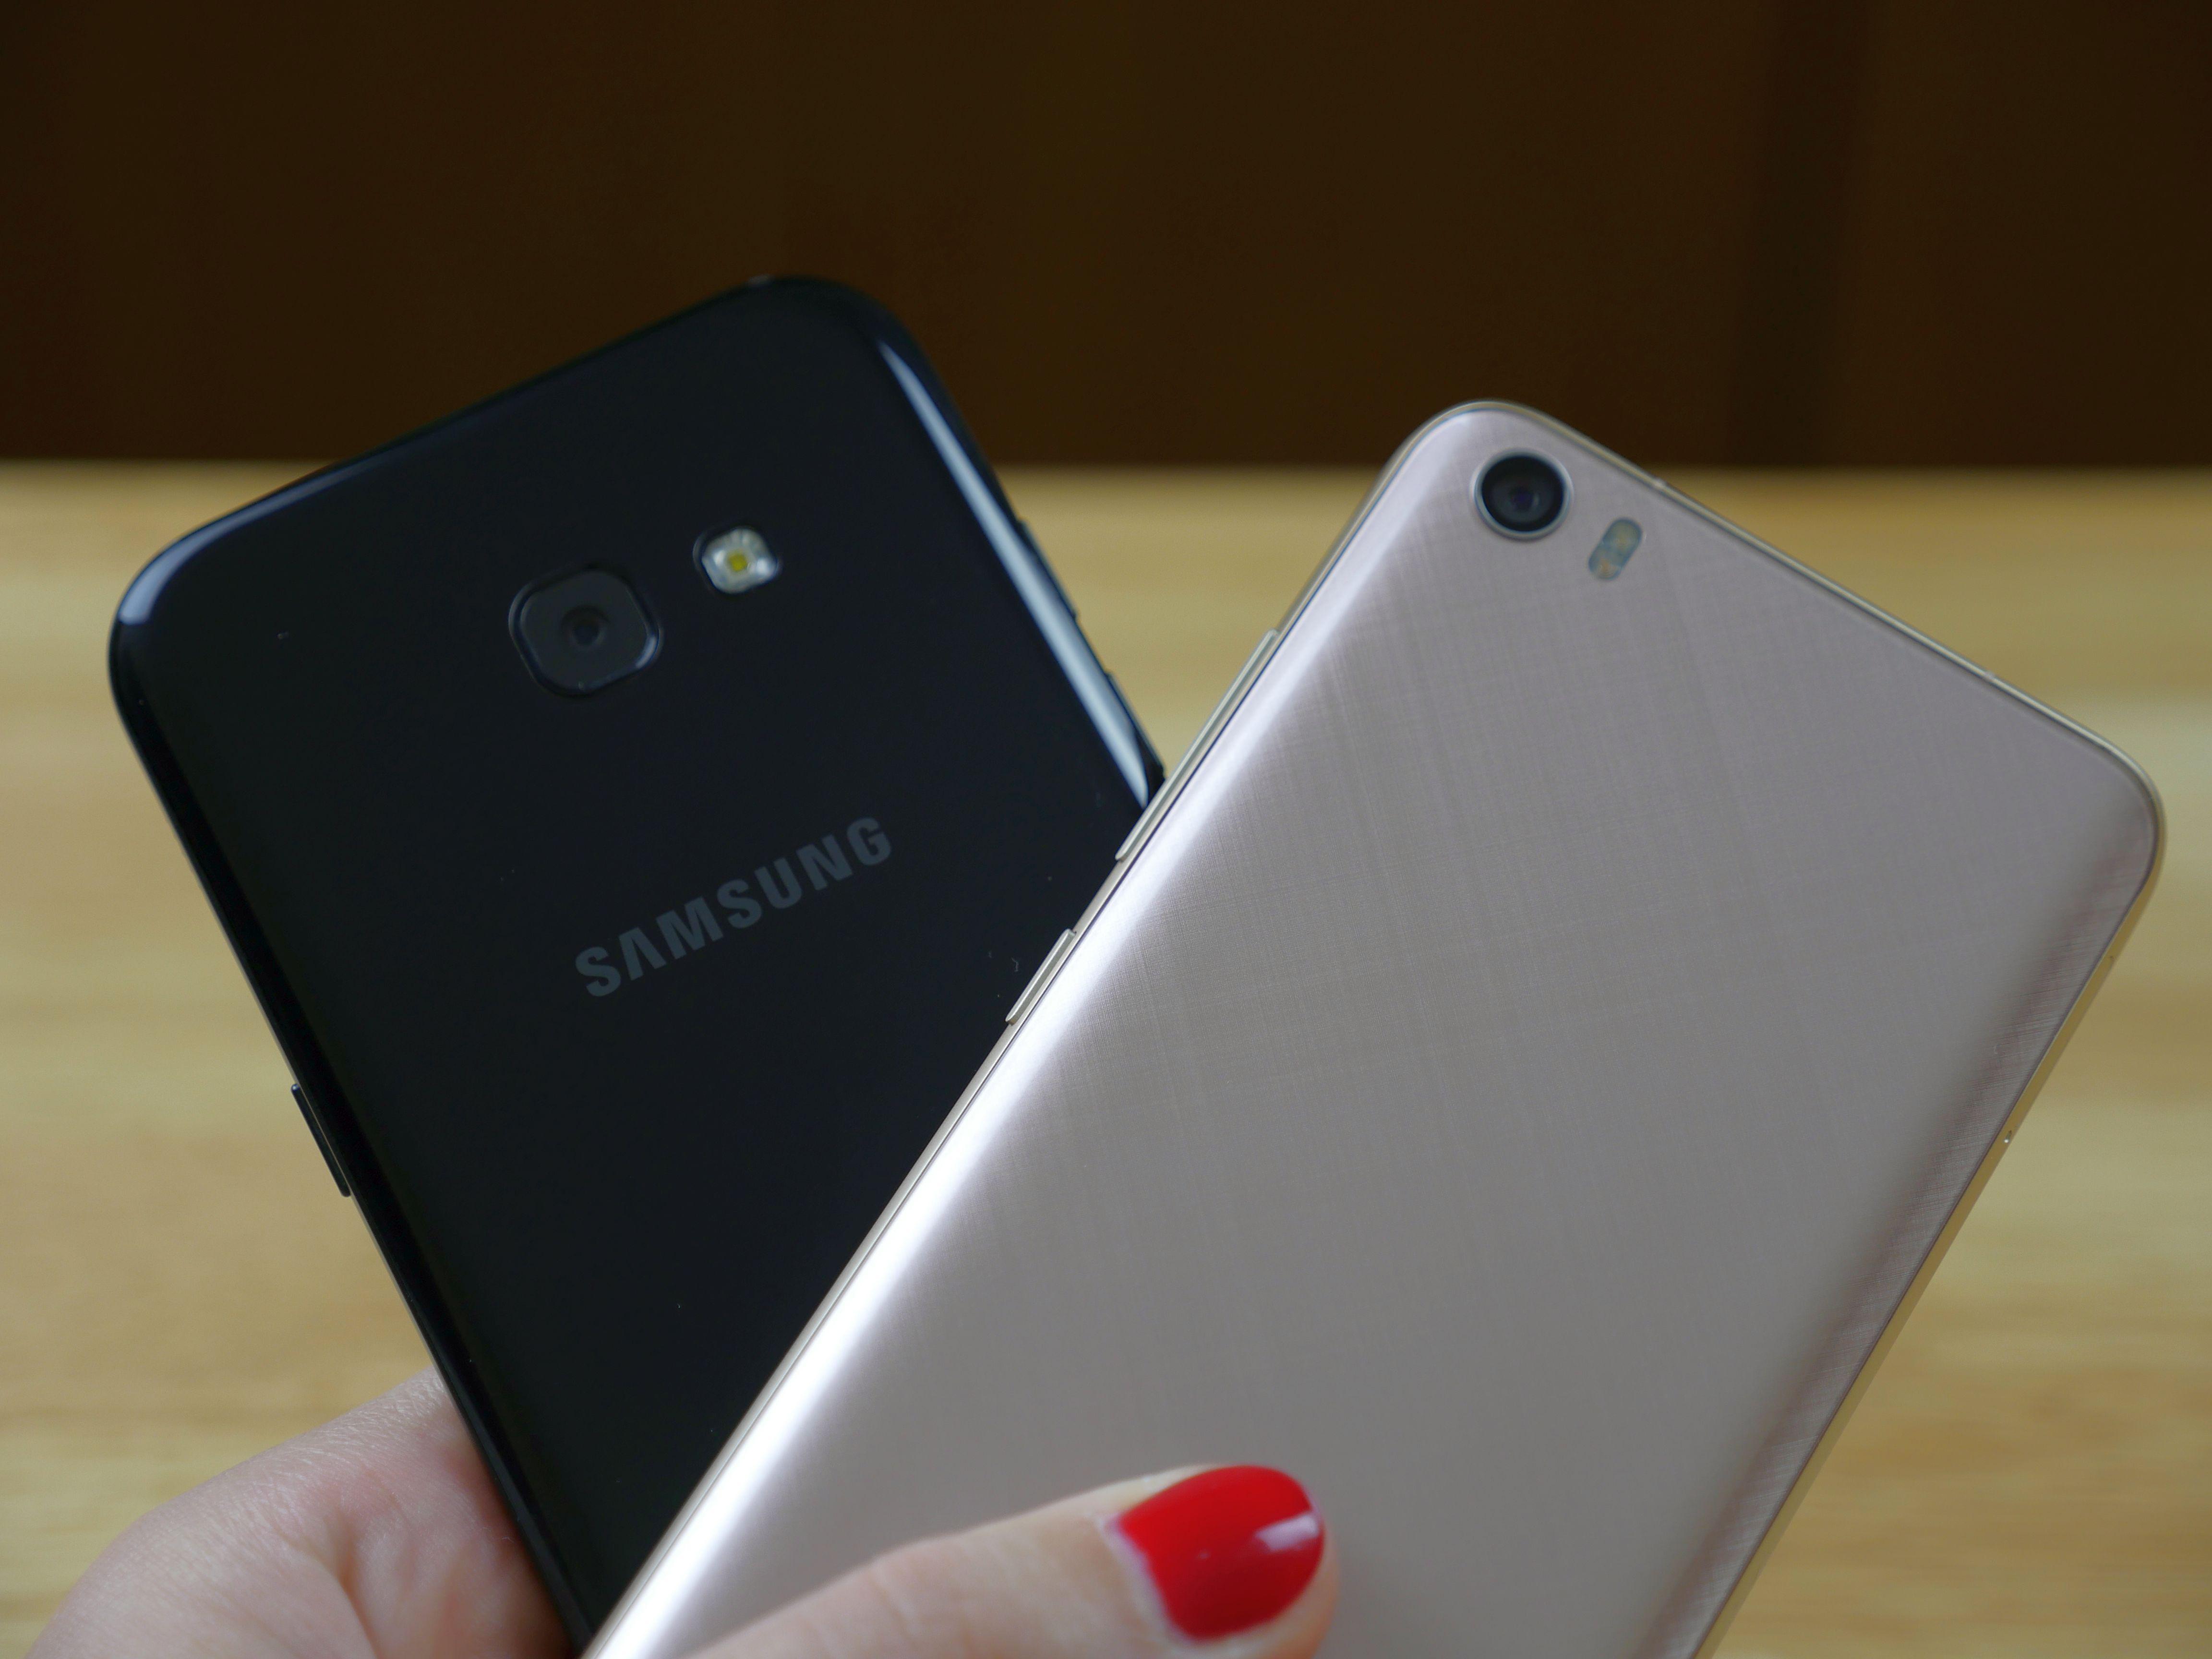 Stwierdzicie pewnie że się tego Samsunga Galaxy A5 2017 uczepiłam bo por³wnałam go już z Honorem 8 i Samsungiem Galaxy S6 a dziś zn³w zestawiam z